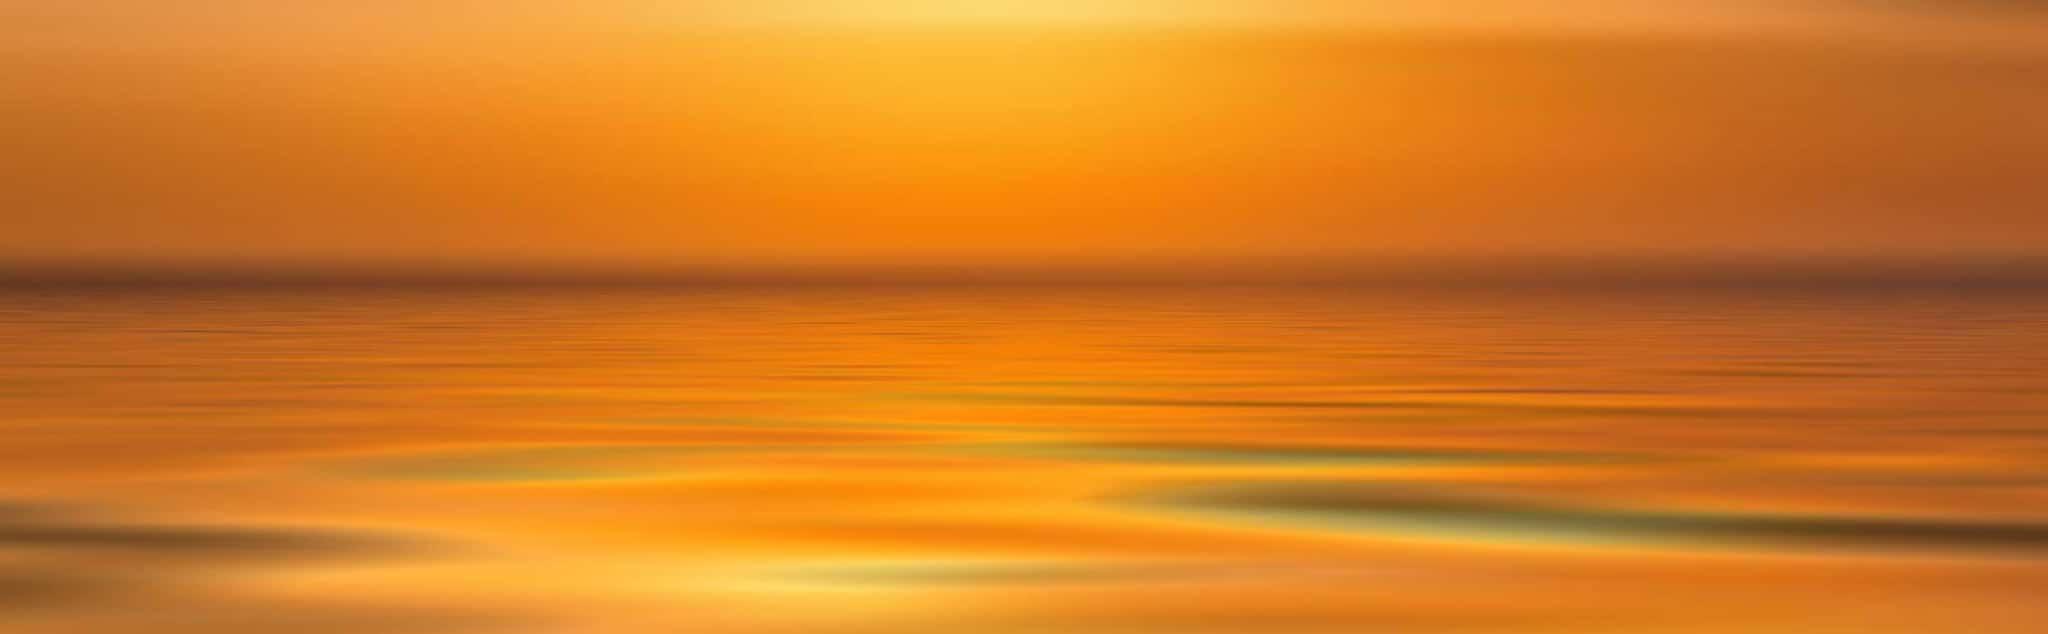 Achtsamkeit, Meditationen